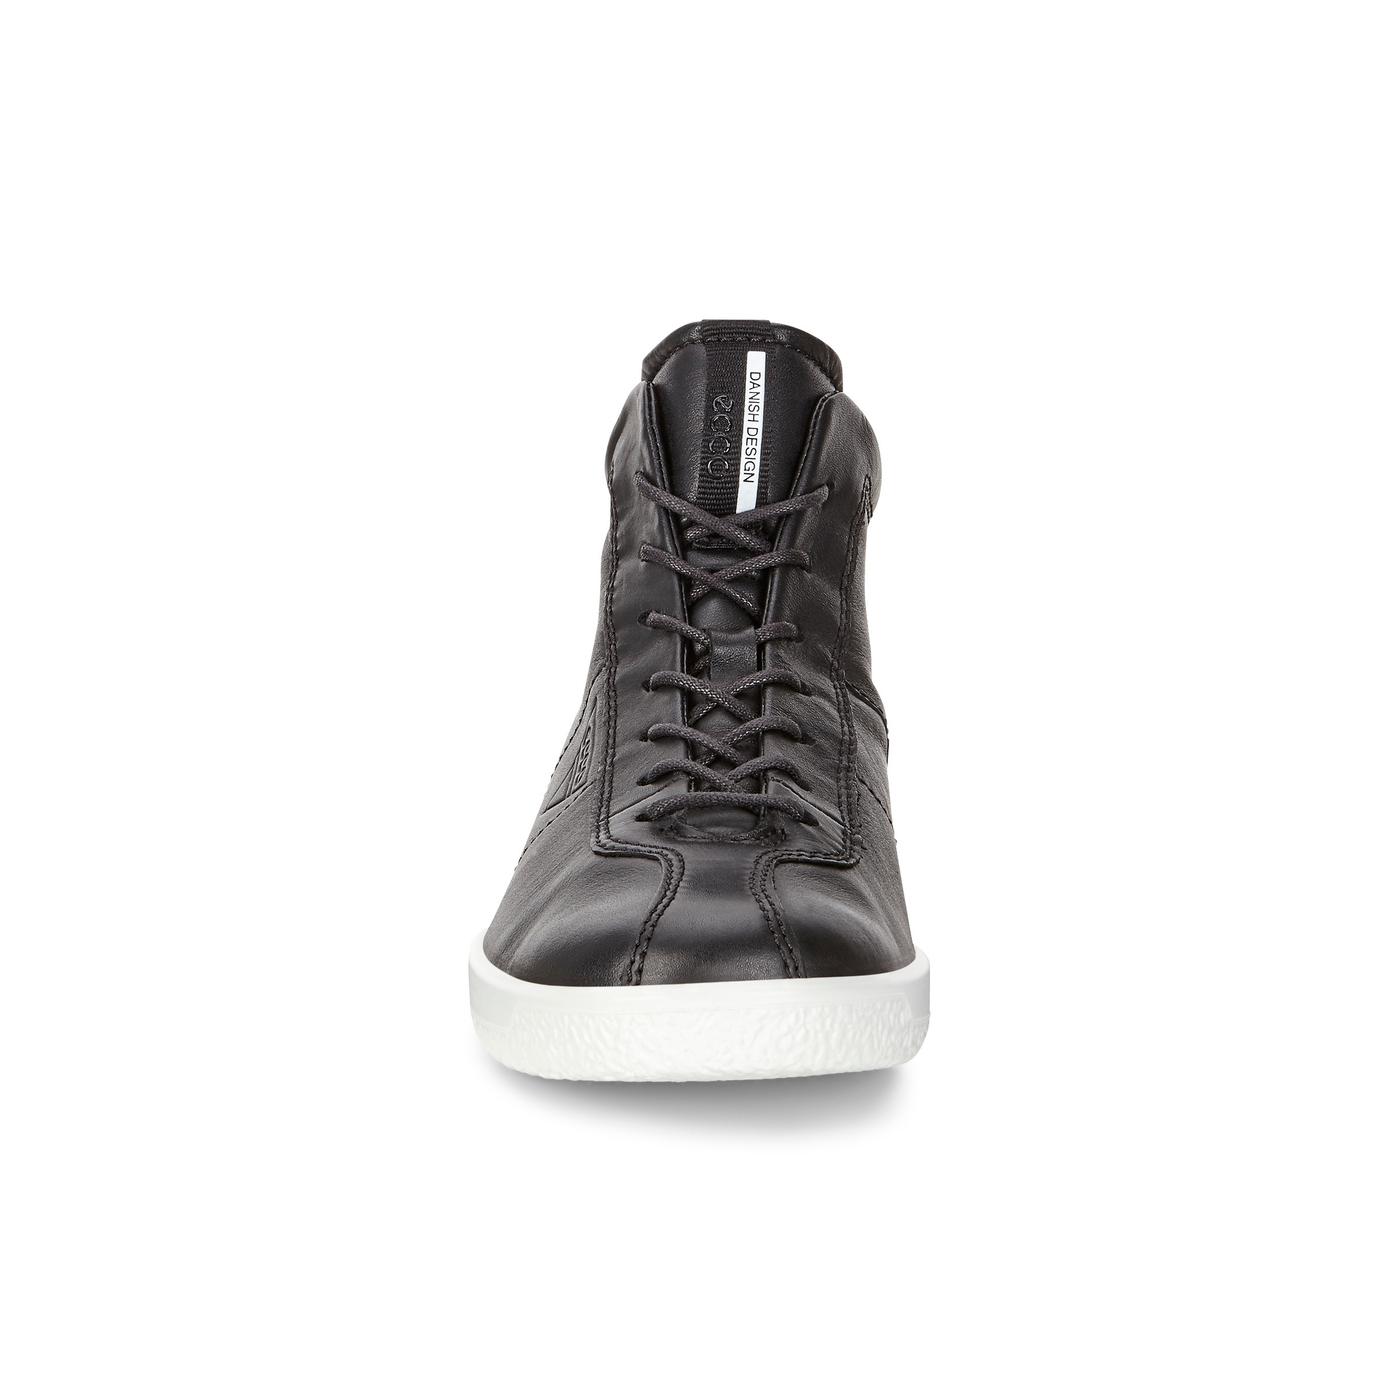 Chaussure montante ECCO Soft 1 pour femmes